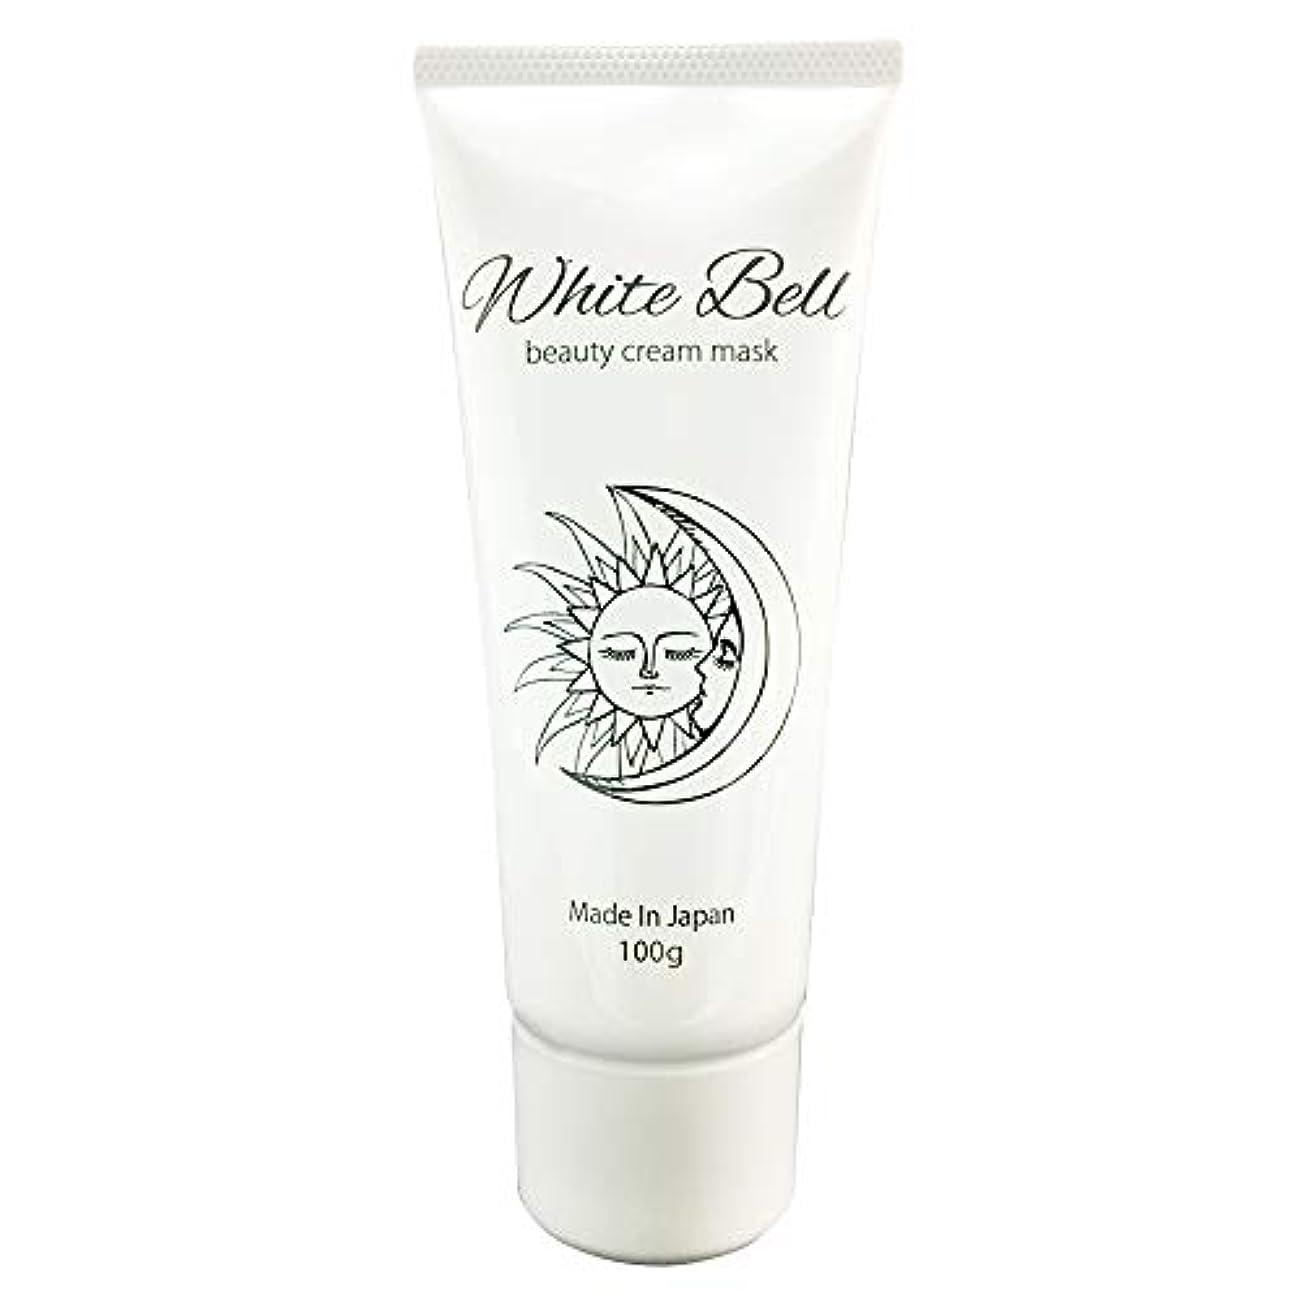 思慮のないキャラバン勝利ホワイトベル ビューティークリームマスク White-Bell beauty cream mask ナイトクリーム オールインワン